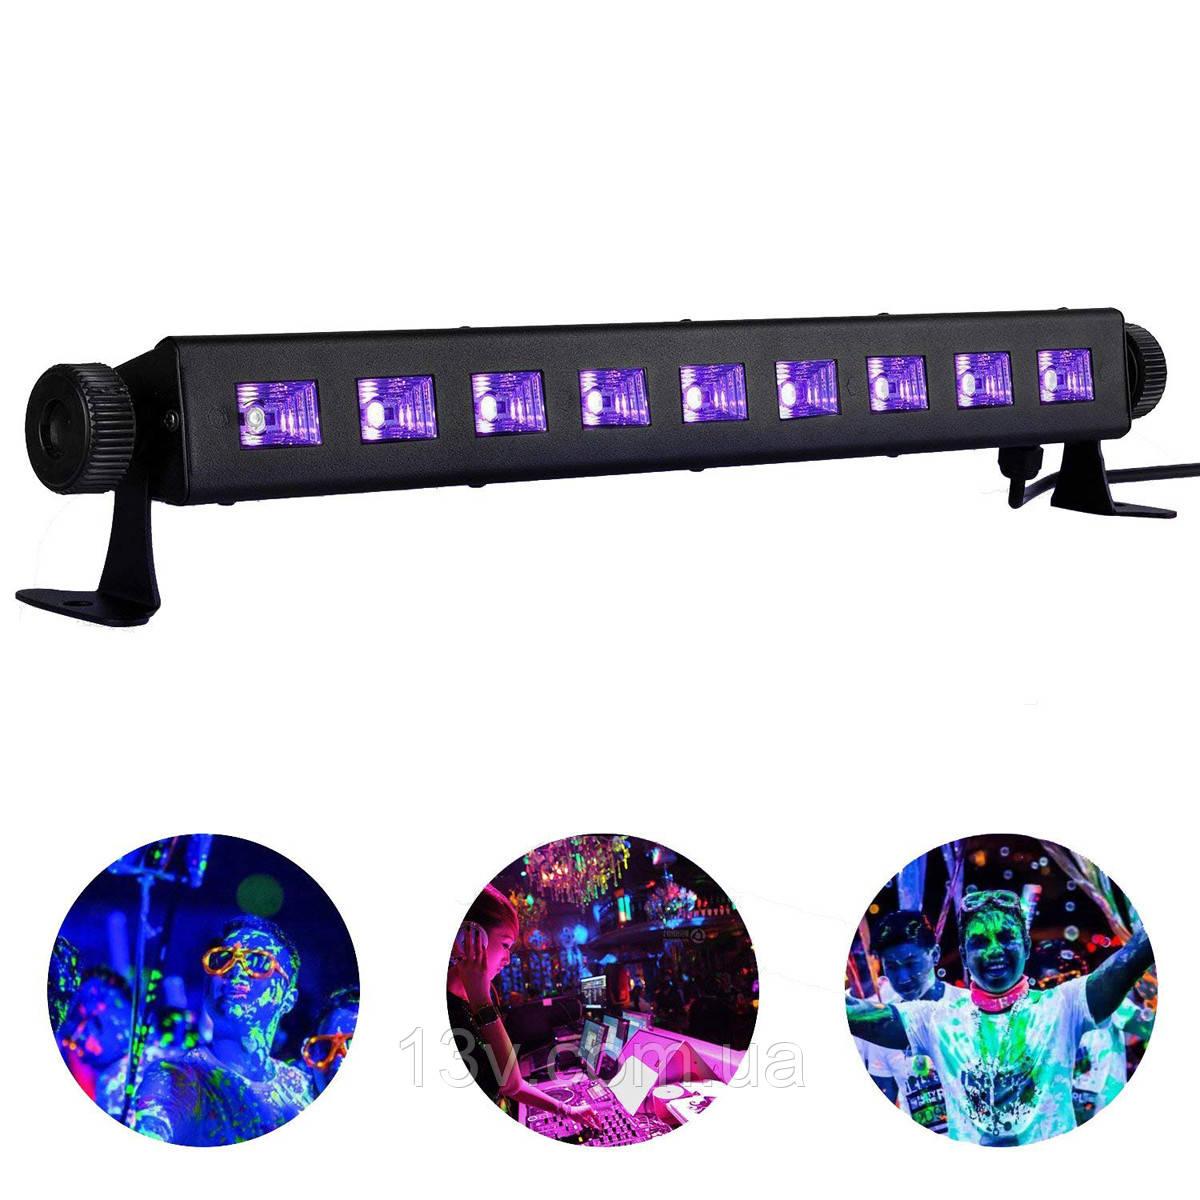 BIG Ультрафиолет  планка  LEDUV 9*3W